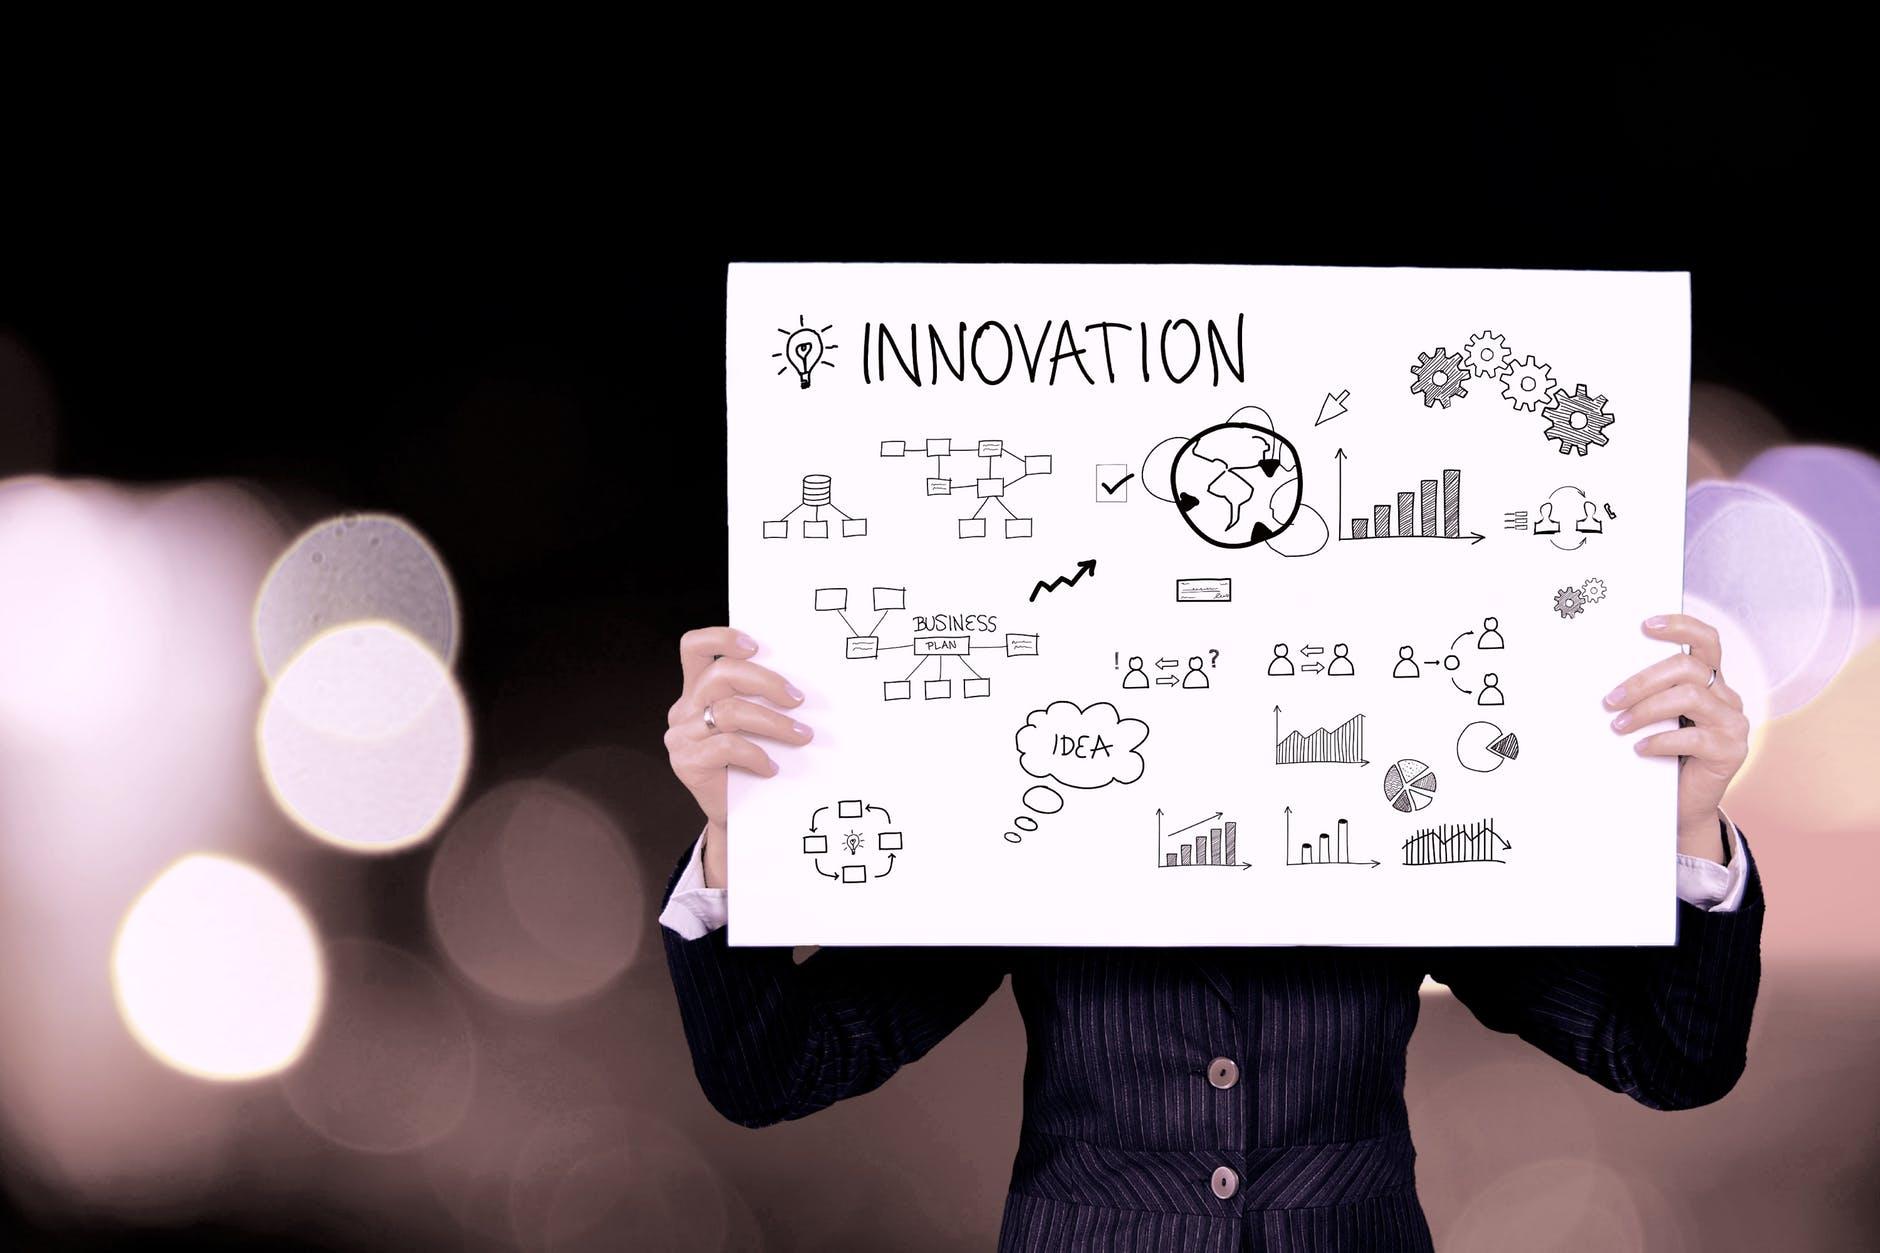 Comment obtenir un avantage concurrentiel grâce à l'innovation ?